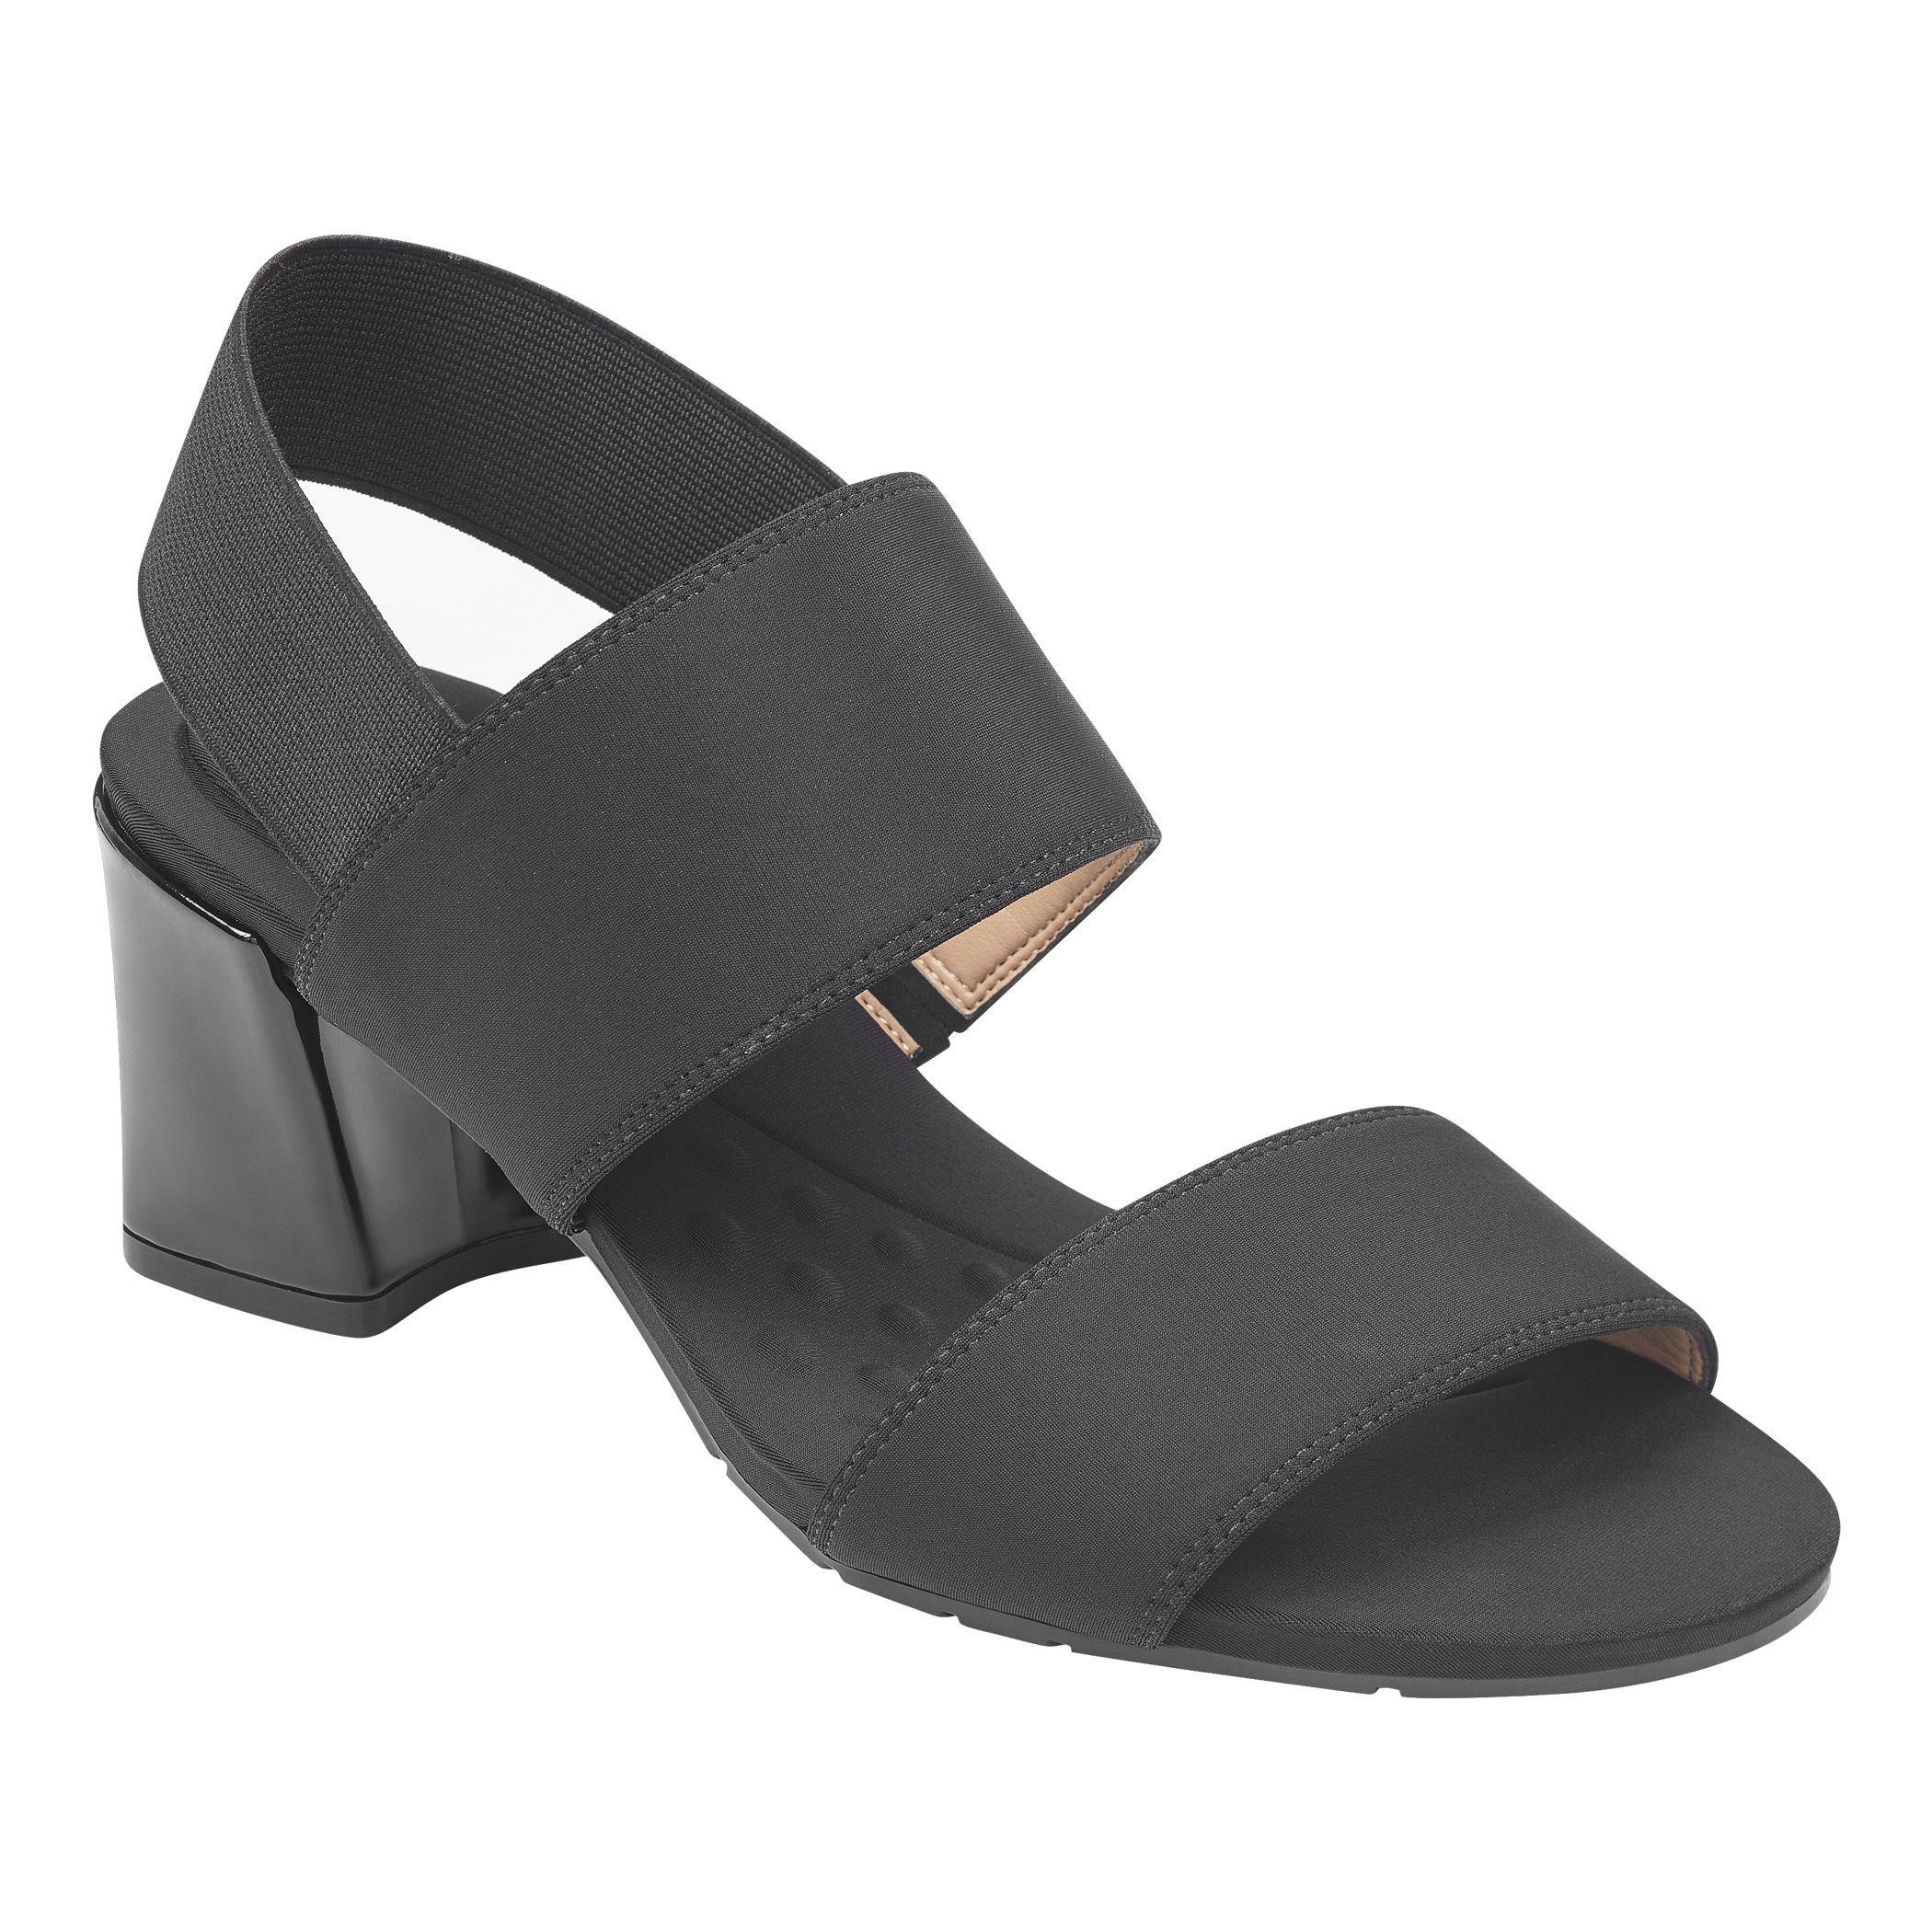 98333b67becb Lyst - Easy Spirit Gatilda Sling Back Dress Sandals in Black - Save 31%